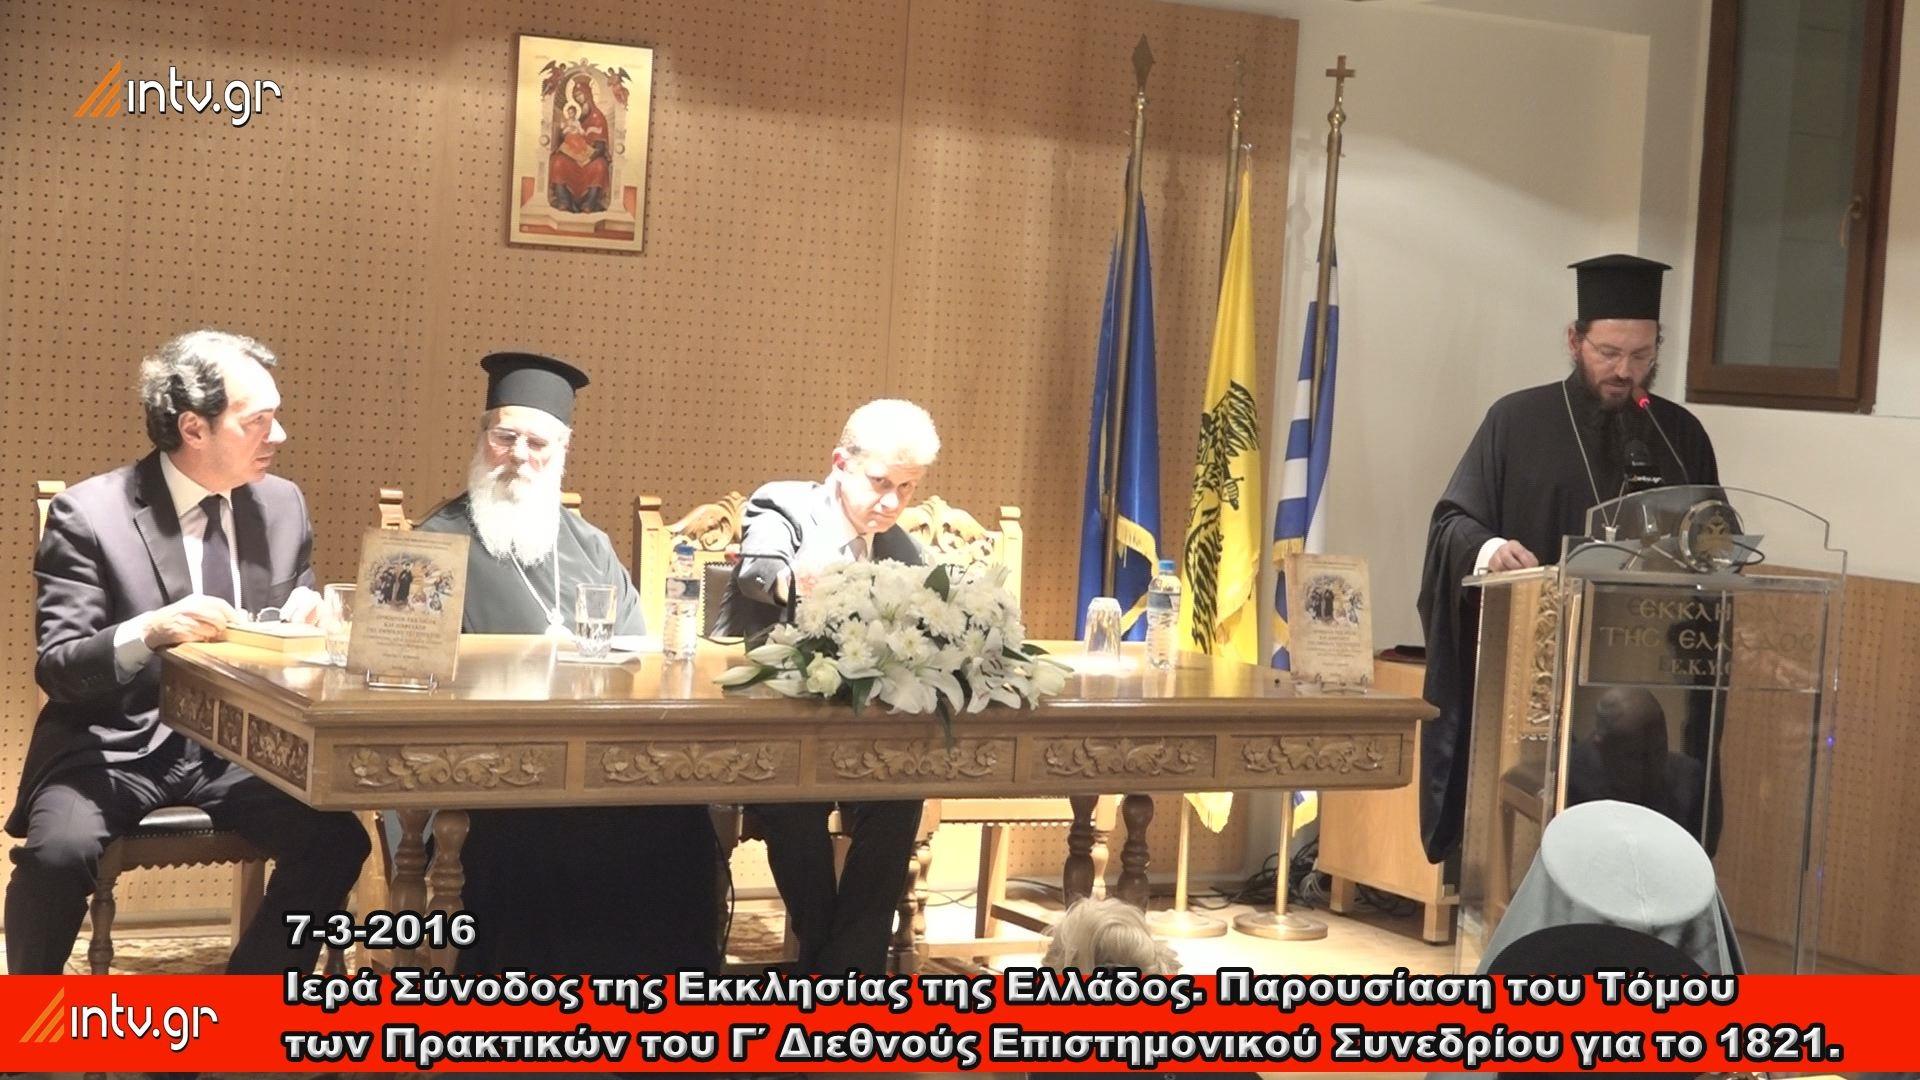 Ιερά Σύνοδος της Εκκλησίας της Ελλάδος.- Παρουσίαση του Τόμου των Πρακτικών του Γ΄ Διεθνούς Επιστημονικού Συνεδρίου για το 1821